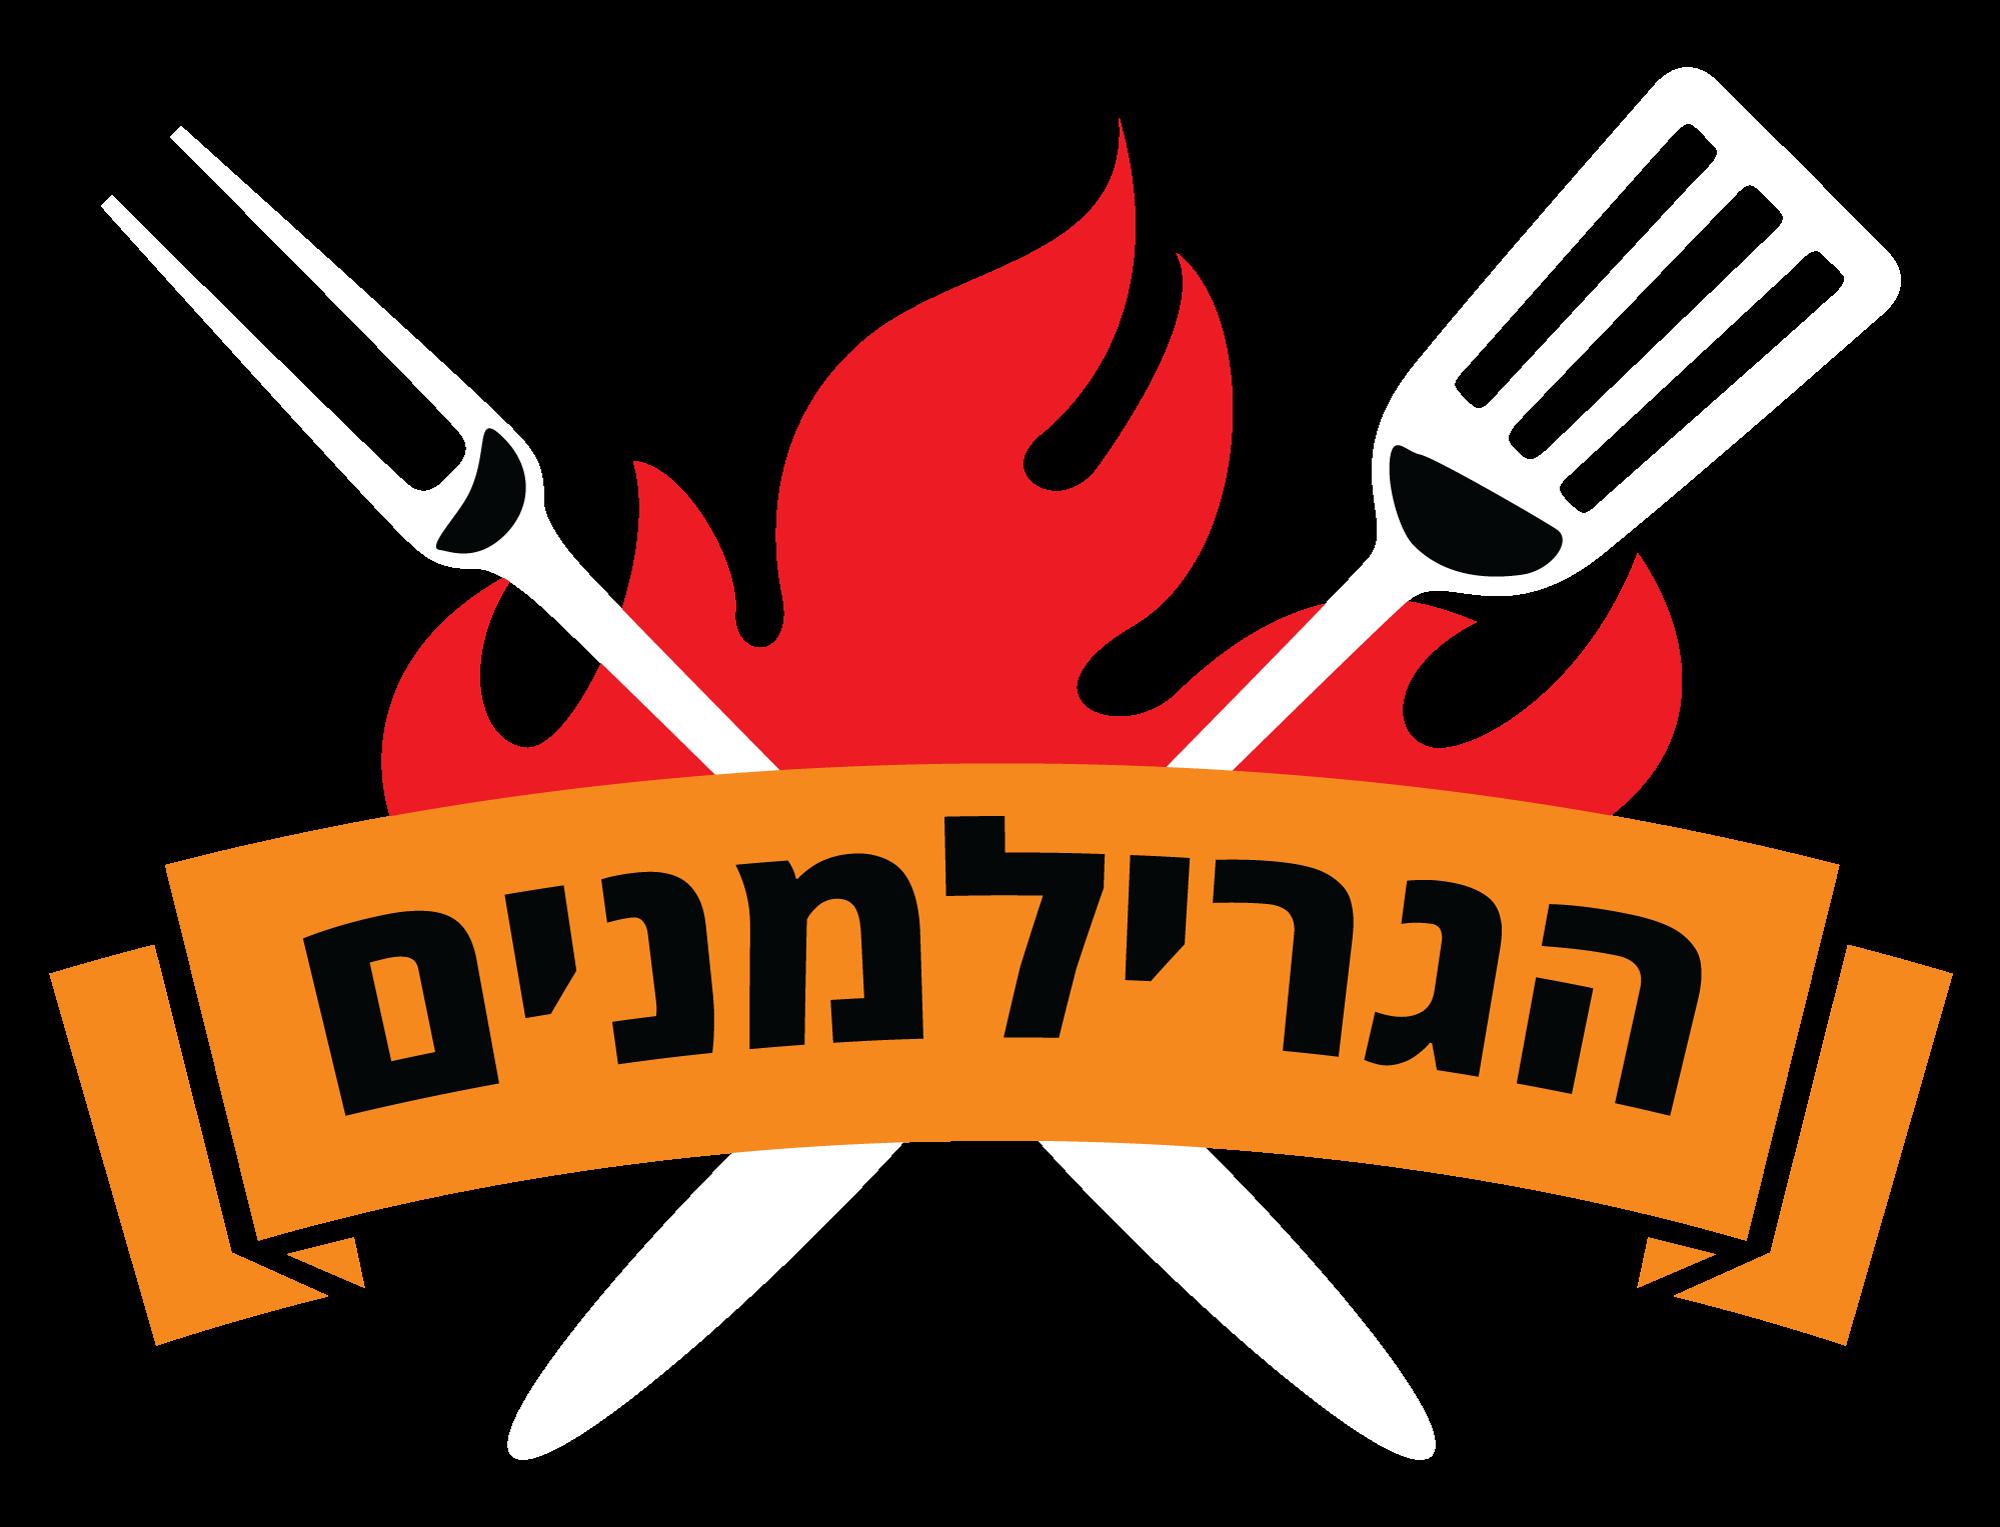 הגרילמנים-קייטרינג-בשרי-ועל-האש-לאירוע